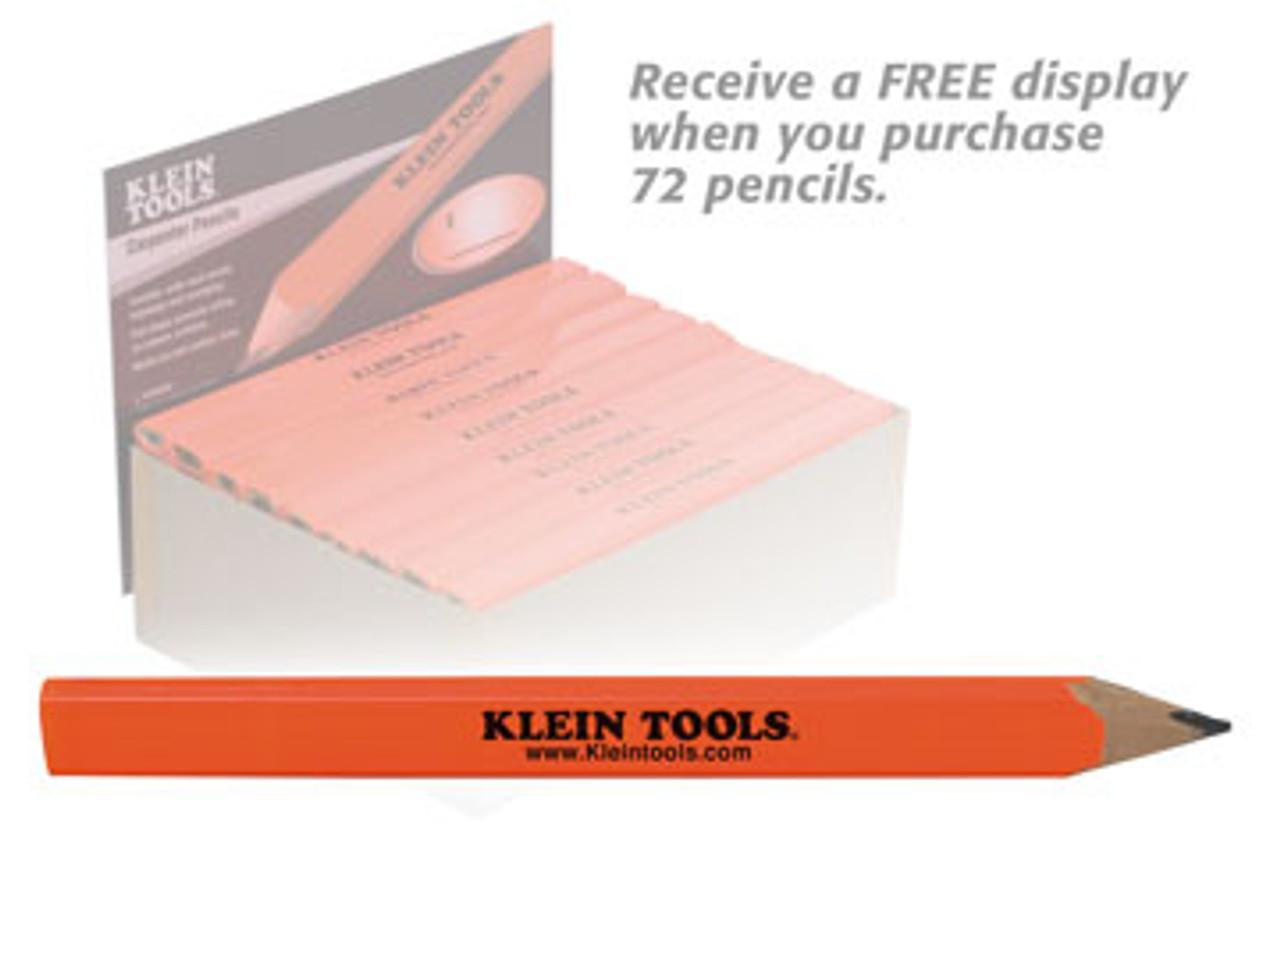 Klein Tools Carpenter's Pencil